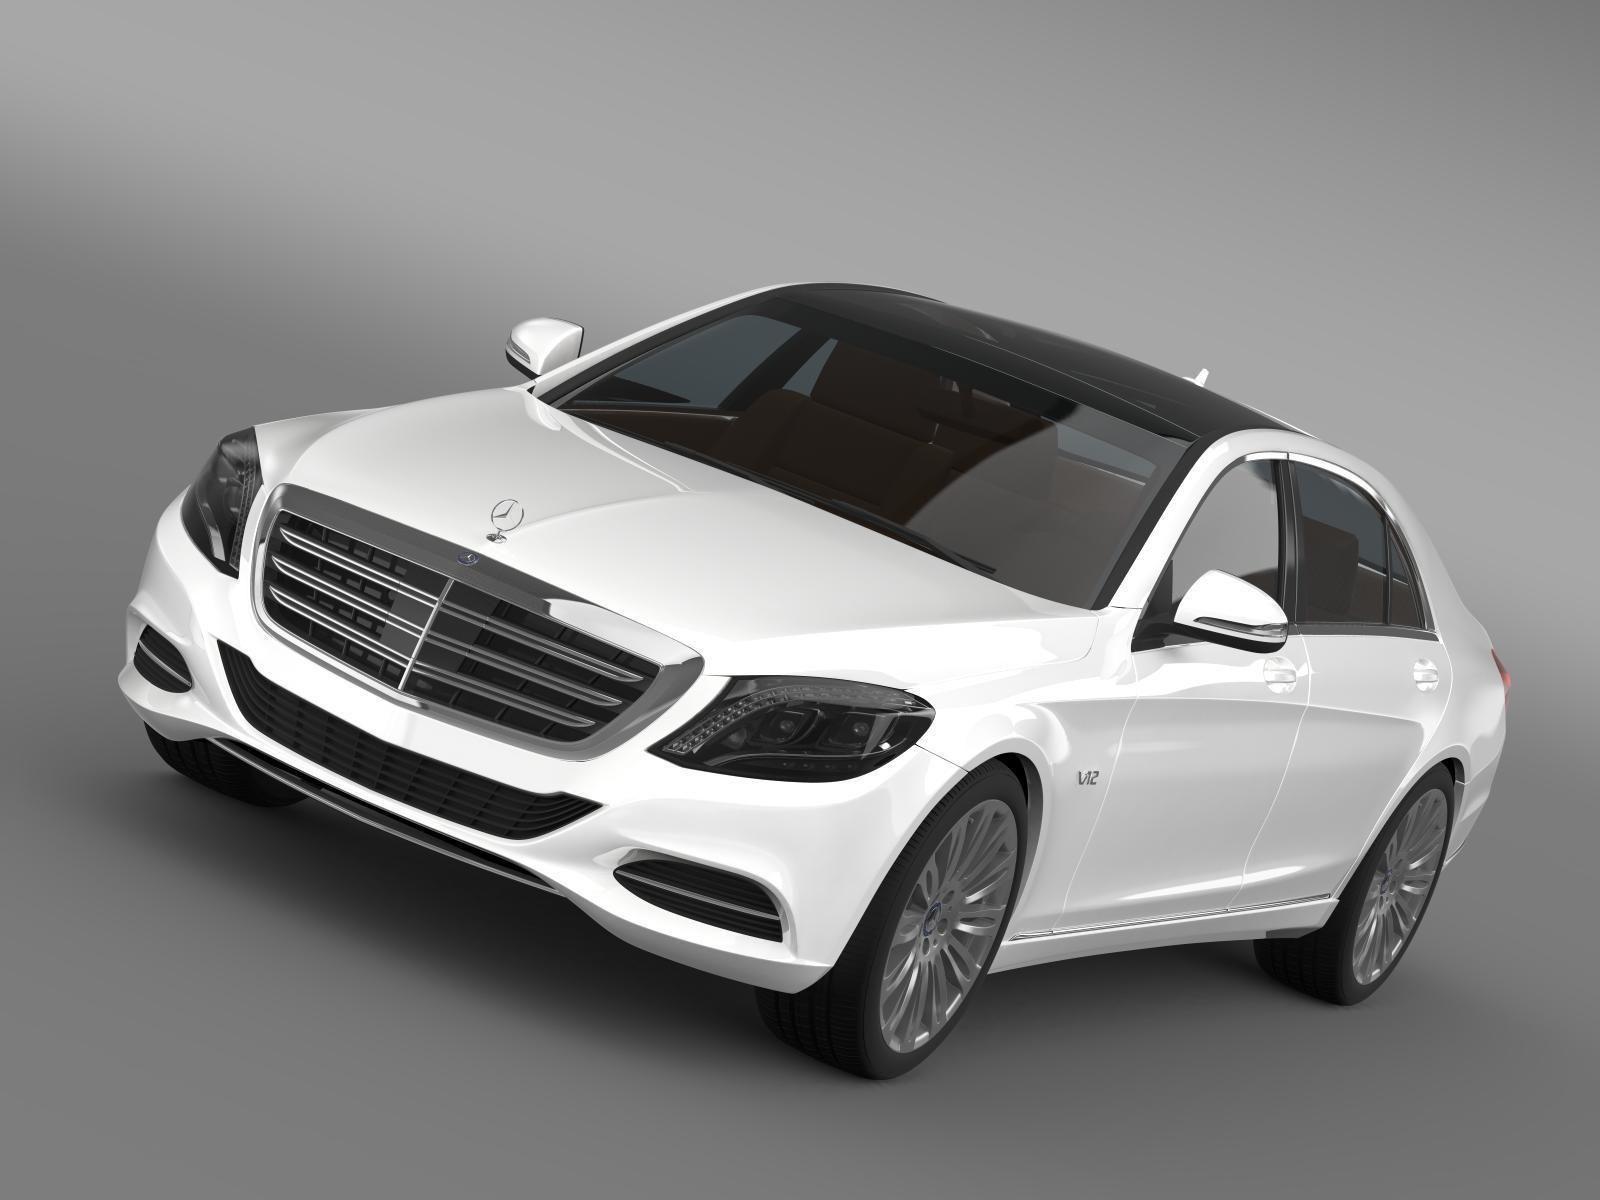 Mercedes benz s 600 v12 w222 2014 3d model max obj 3ds fbx for Mercedes benz model